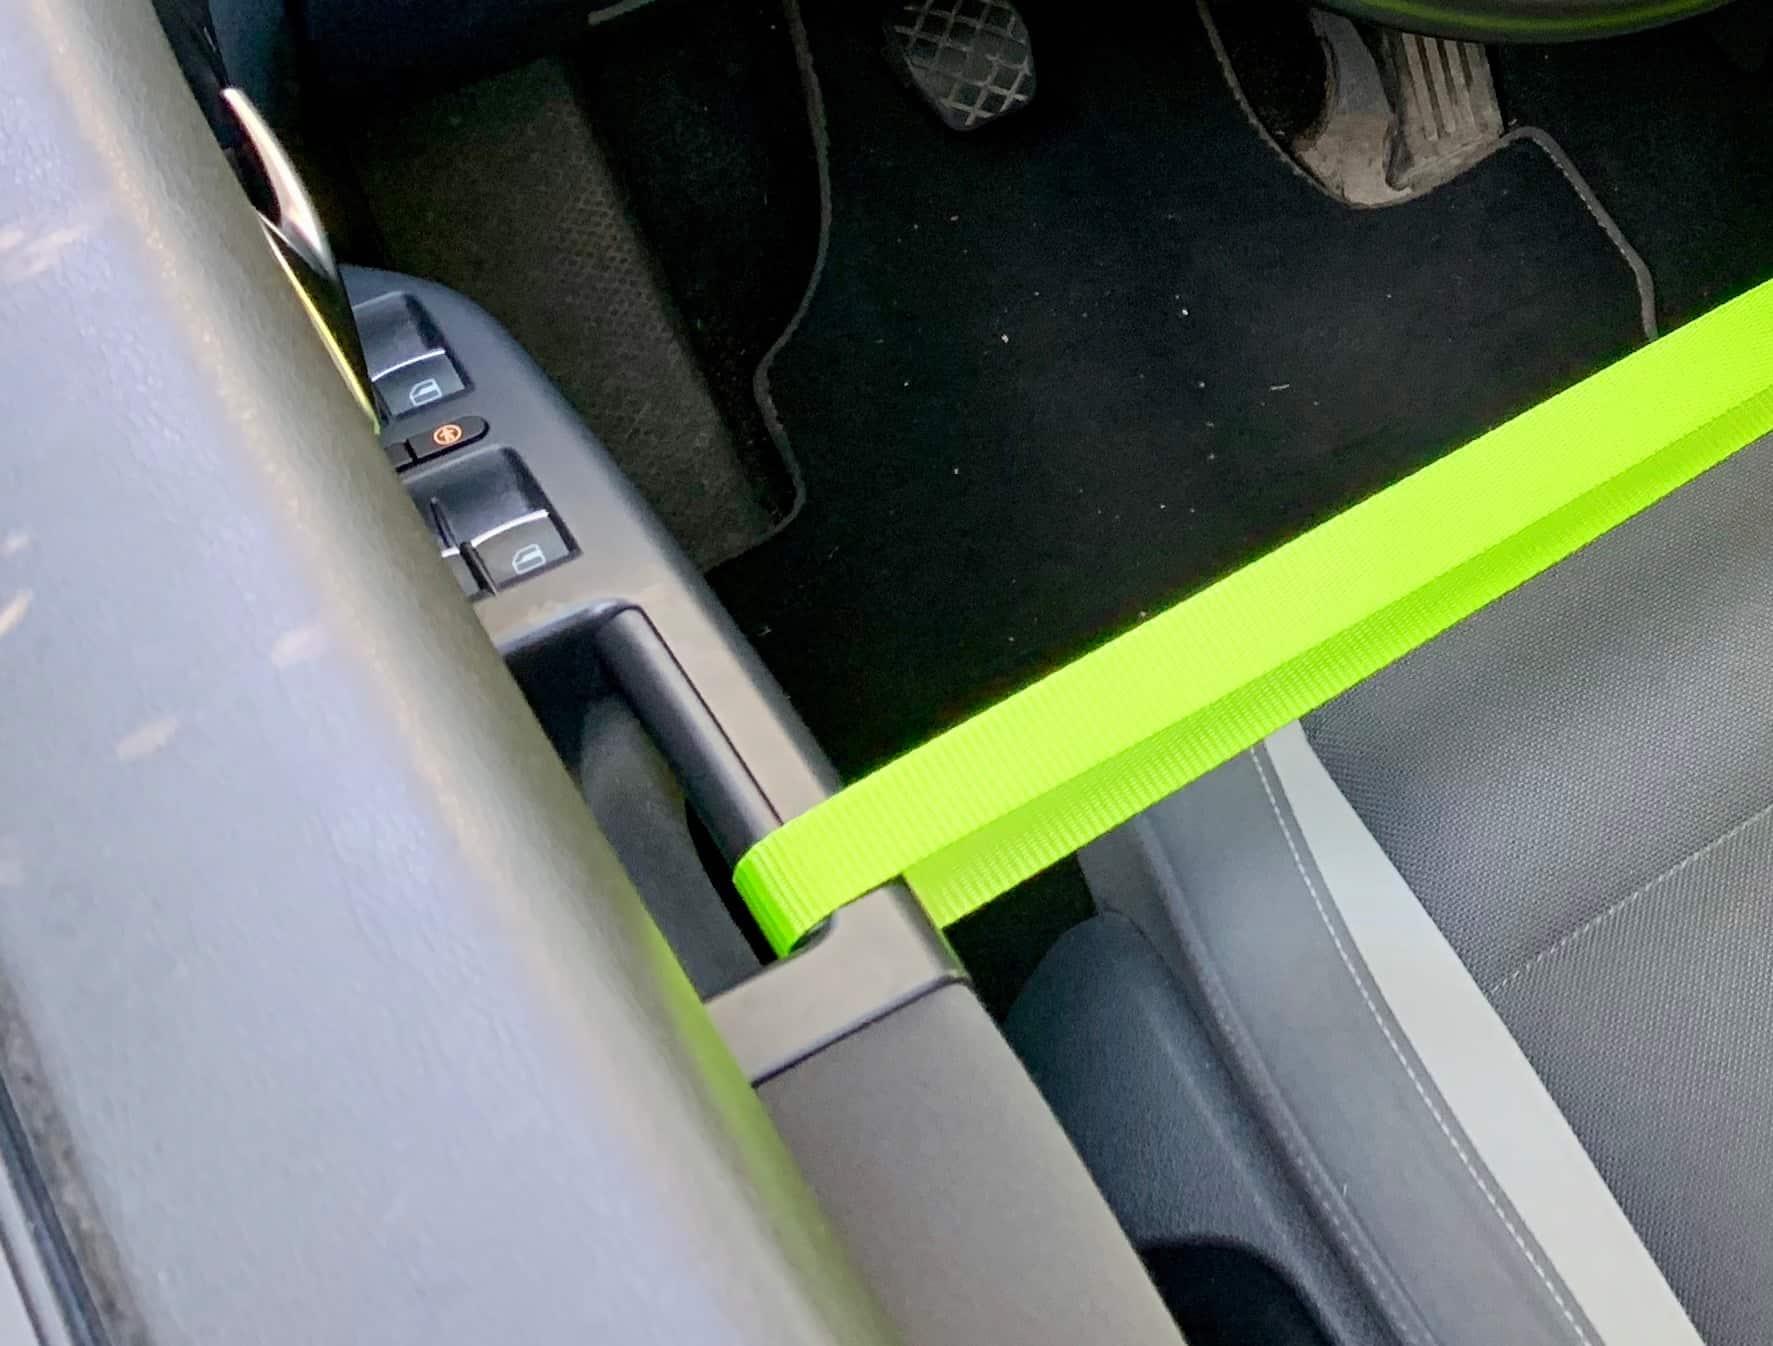 Zurrgurt_Neon_Touran_Fahrertür_Beifahrertür_verbinden_Detail_Türgriff